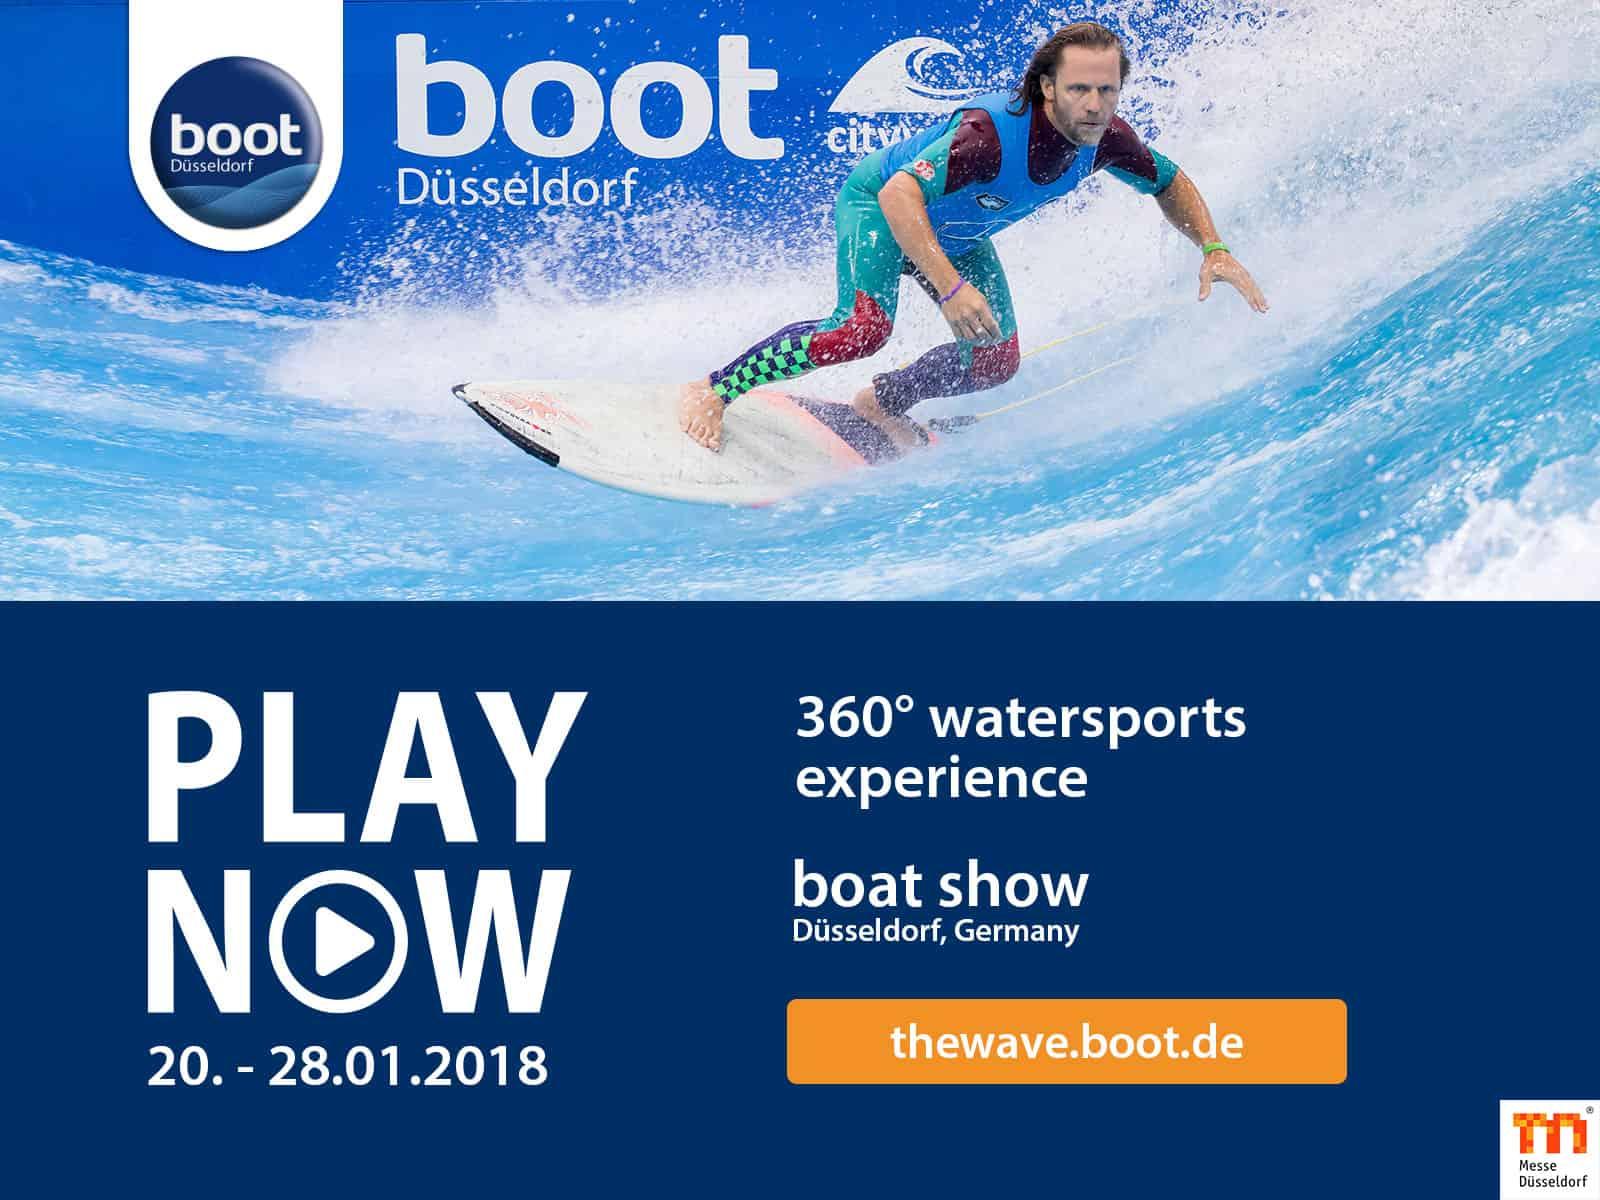 Innendørs elvesurfing for alle – boot messen i Düsseldorf januar 2018